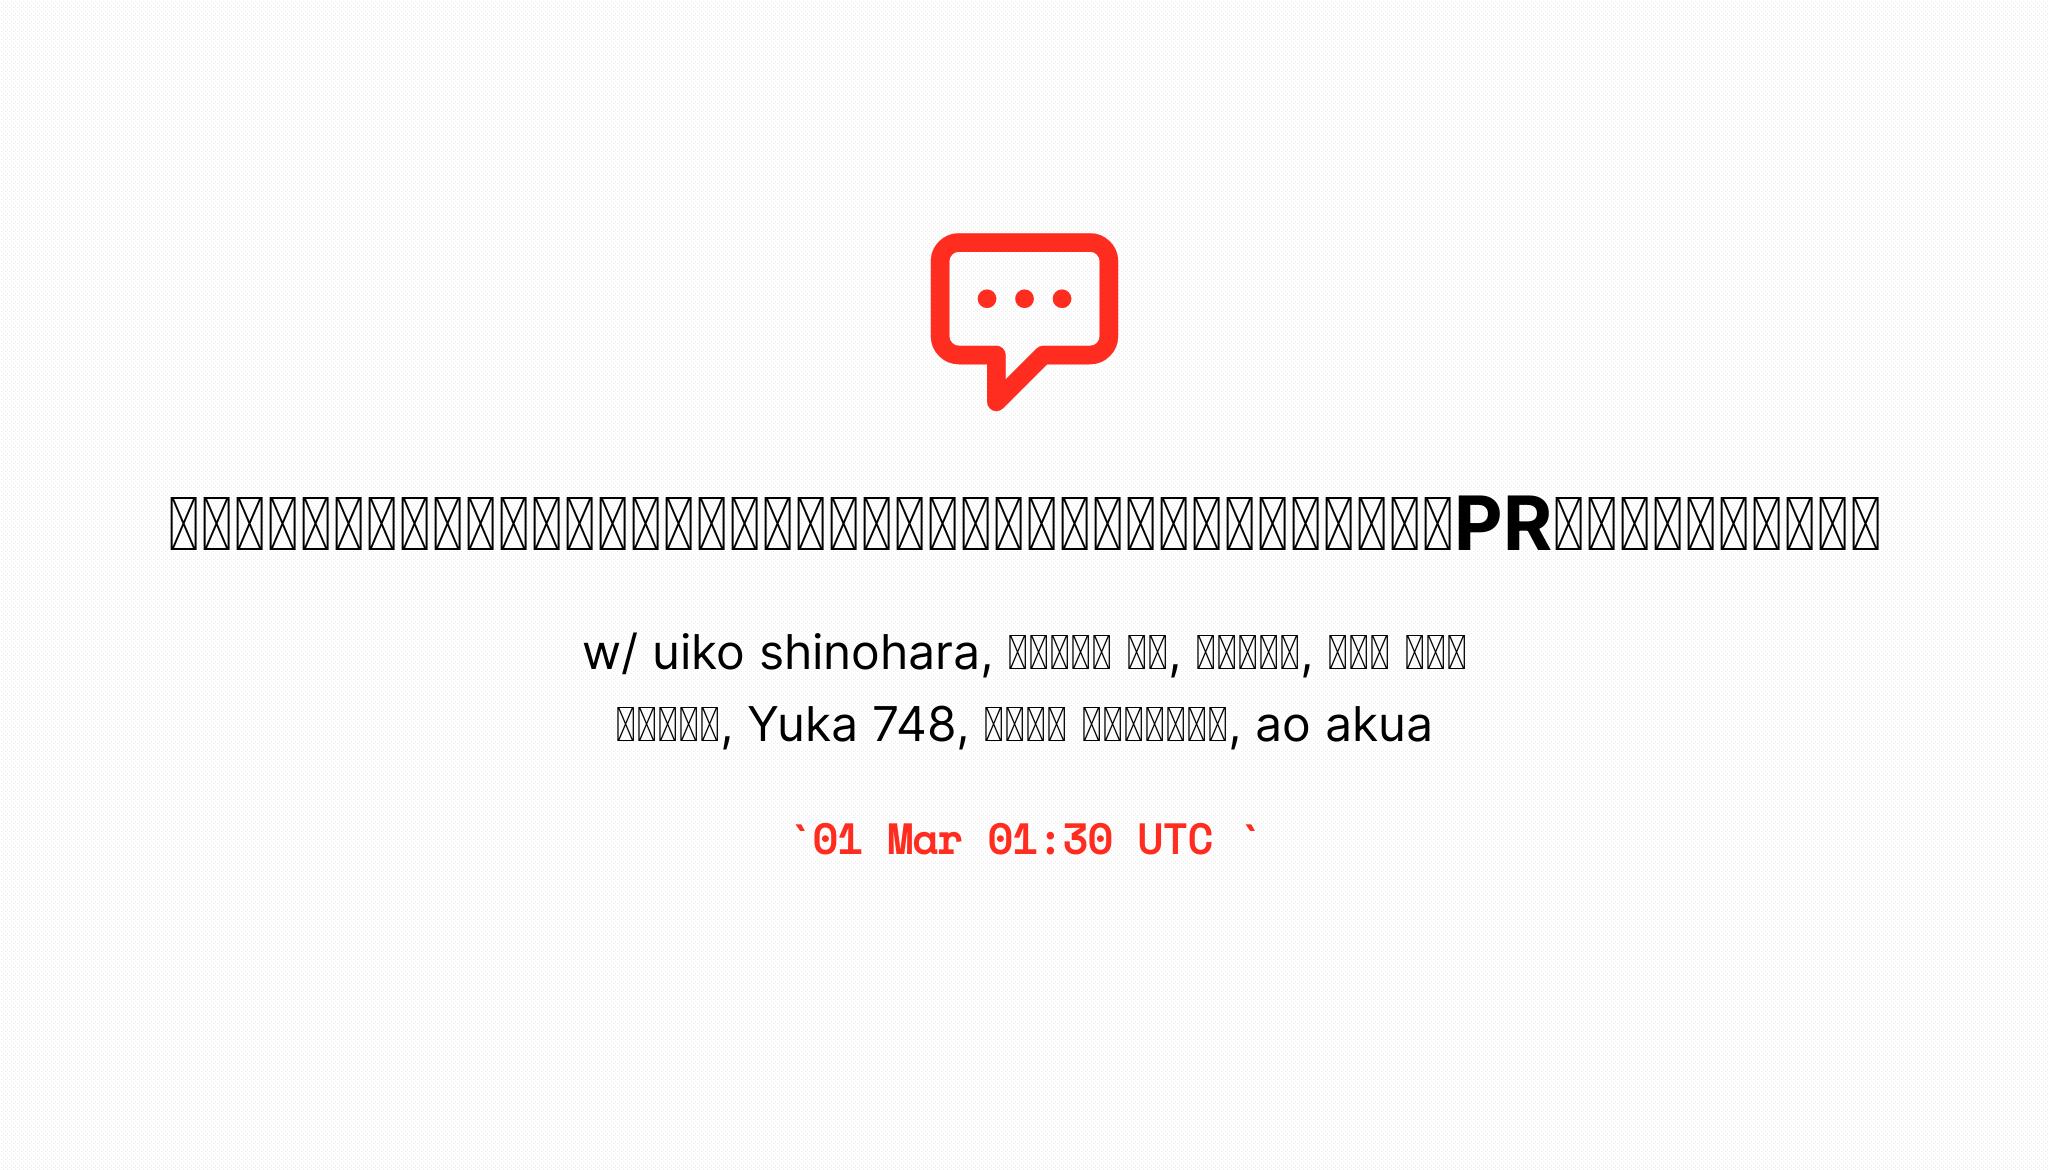 紹介 フォント 自己 インスタ インスタのプロフィールで使える♡可愛い特殊文字フォント80種以上!